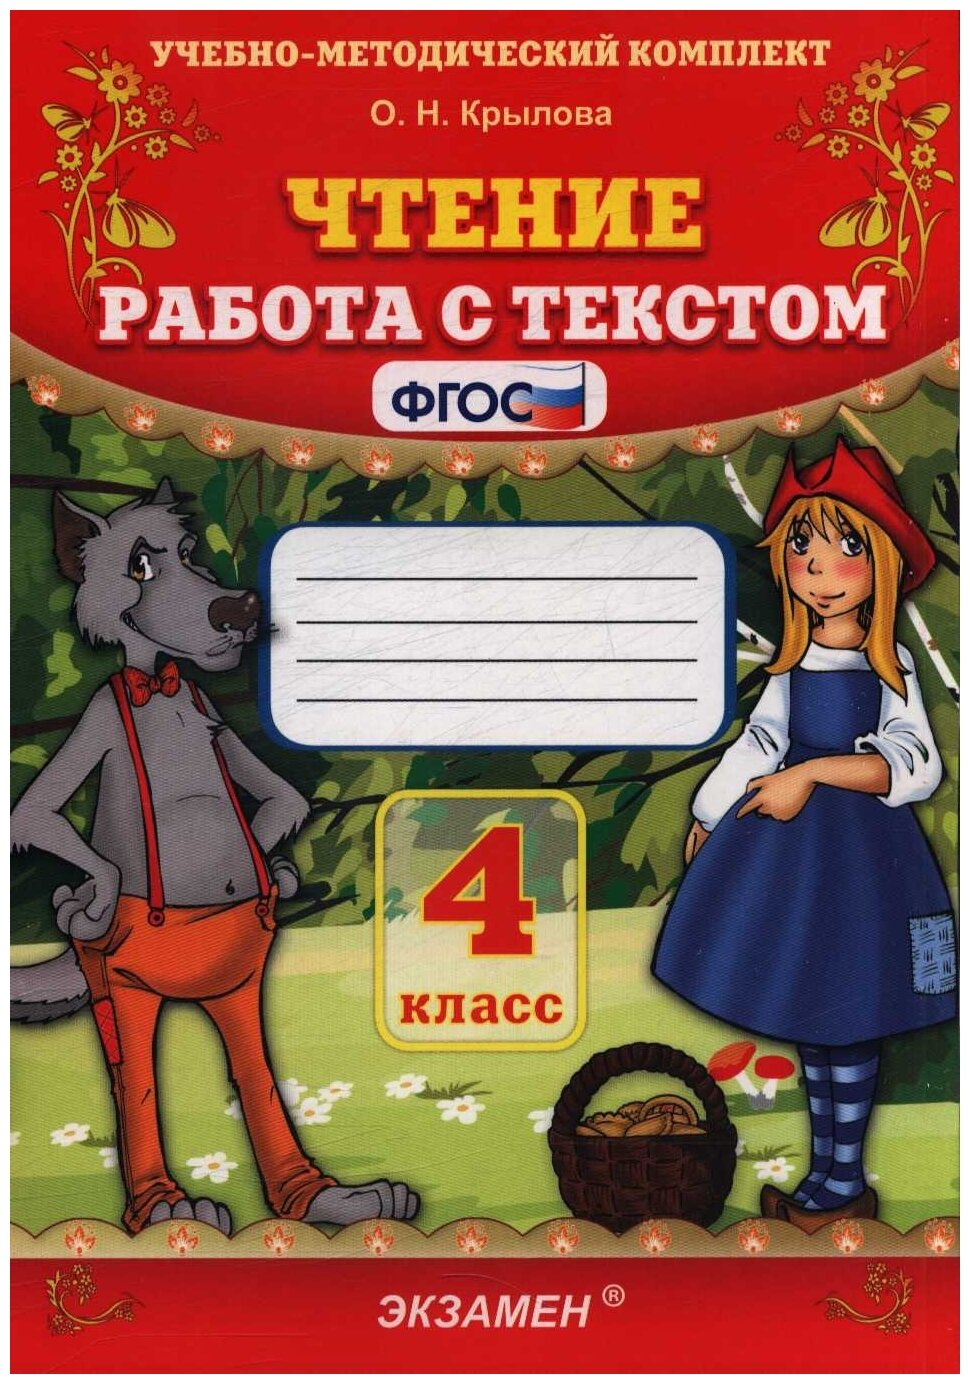 """Купить книгу Крылова О.Н """"Чтение. 4 класс. Работа с текстом. ФГОС"""" по низкой цене с доставкой из Яндекс.Маркета"""